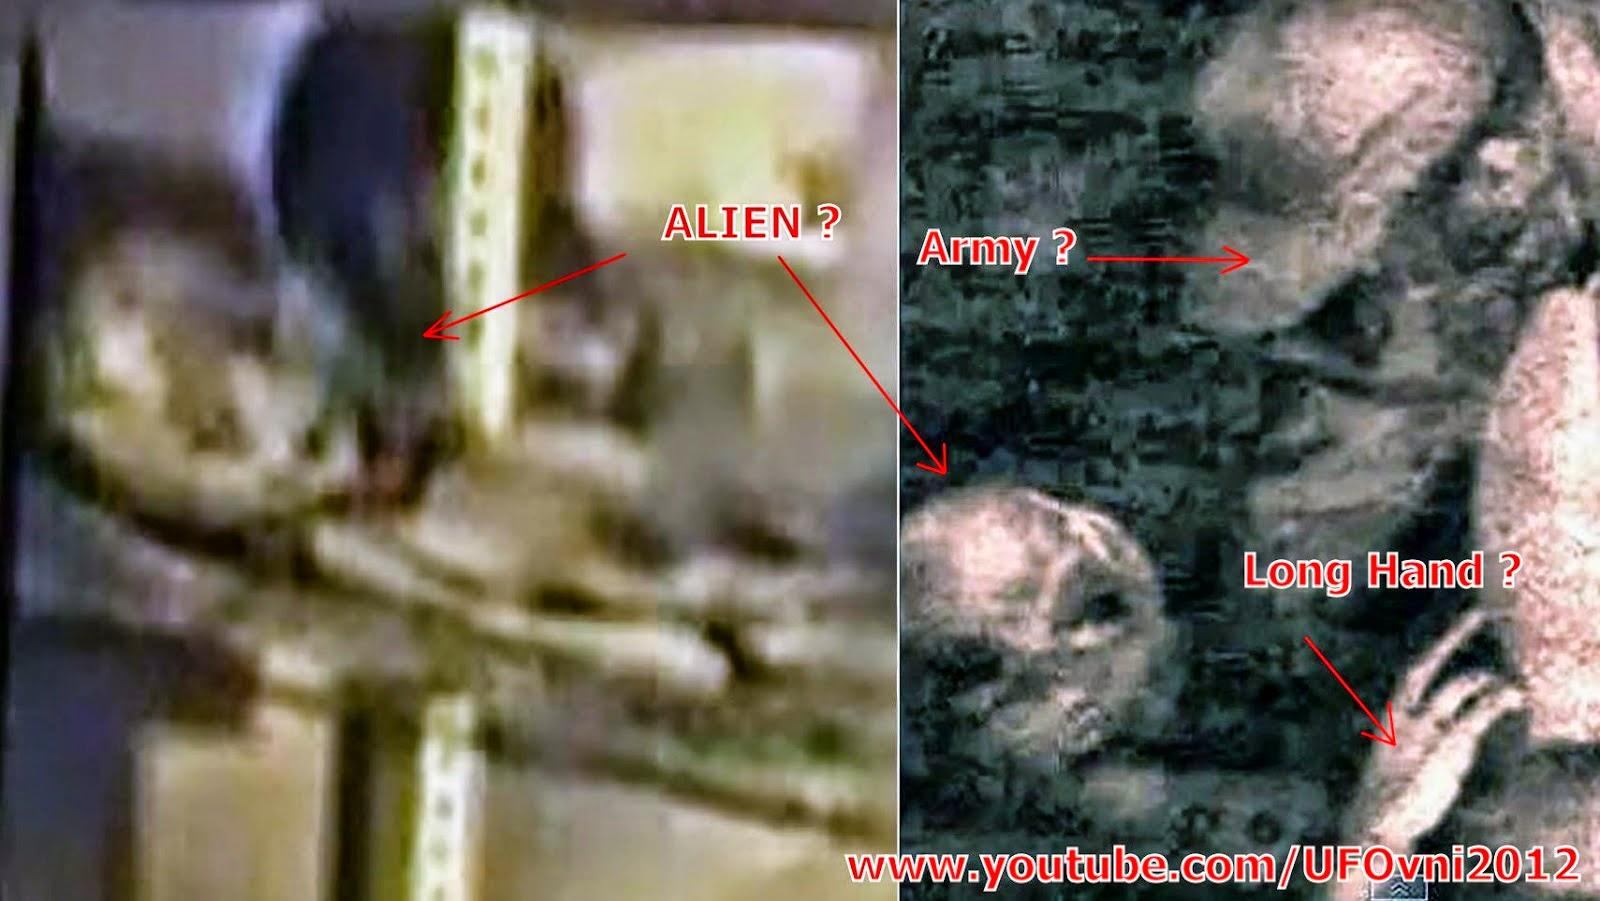 Roswell, deuxième image prétendument liée à l'affaire